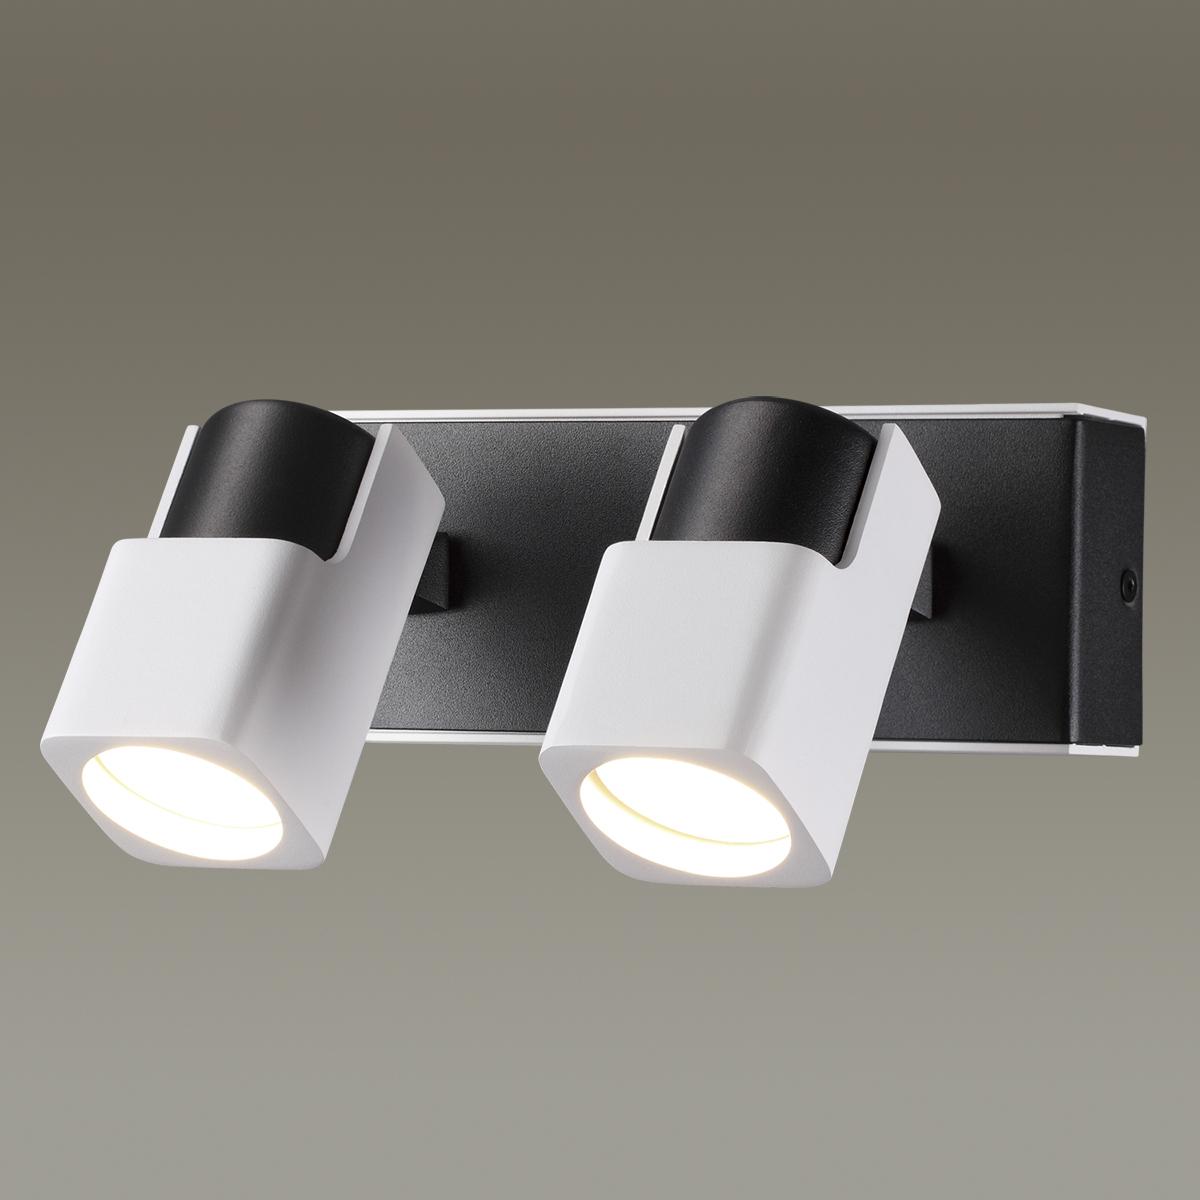 Потолочный светильник с регулировкой направления света Odeon Light Daravis 3491/2W, 2xGU10x50W, белый, черный, металл - фото 1